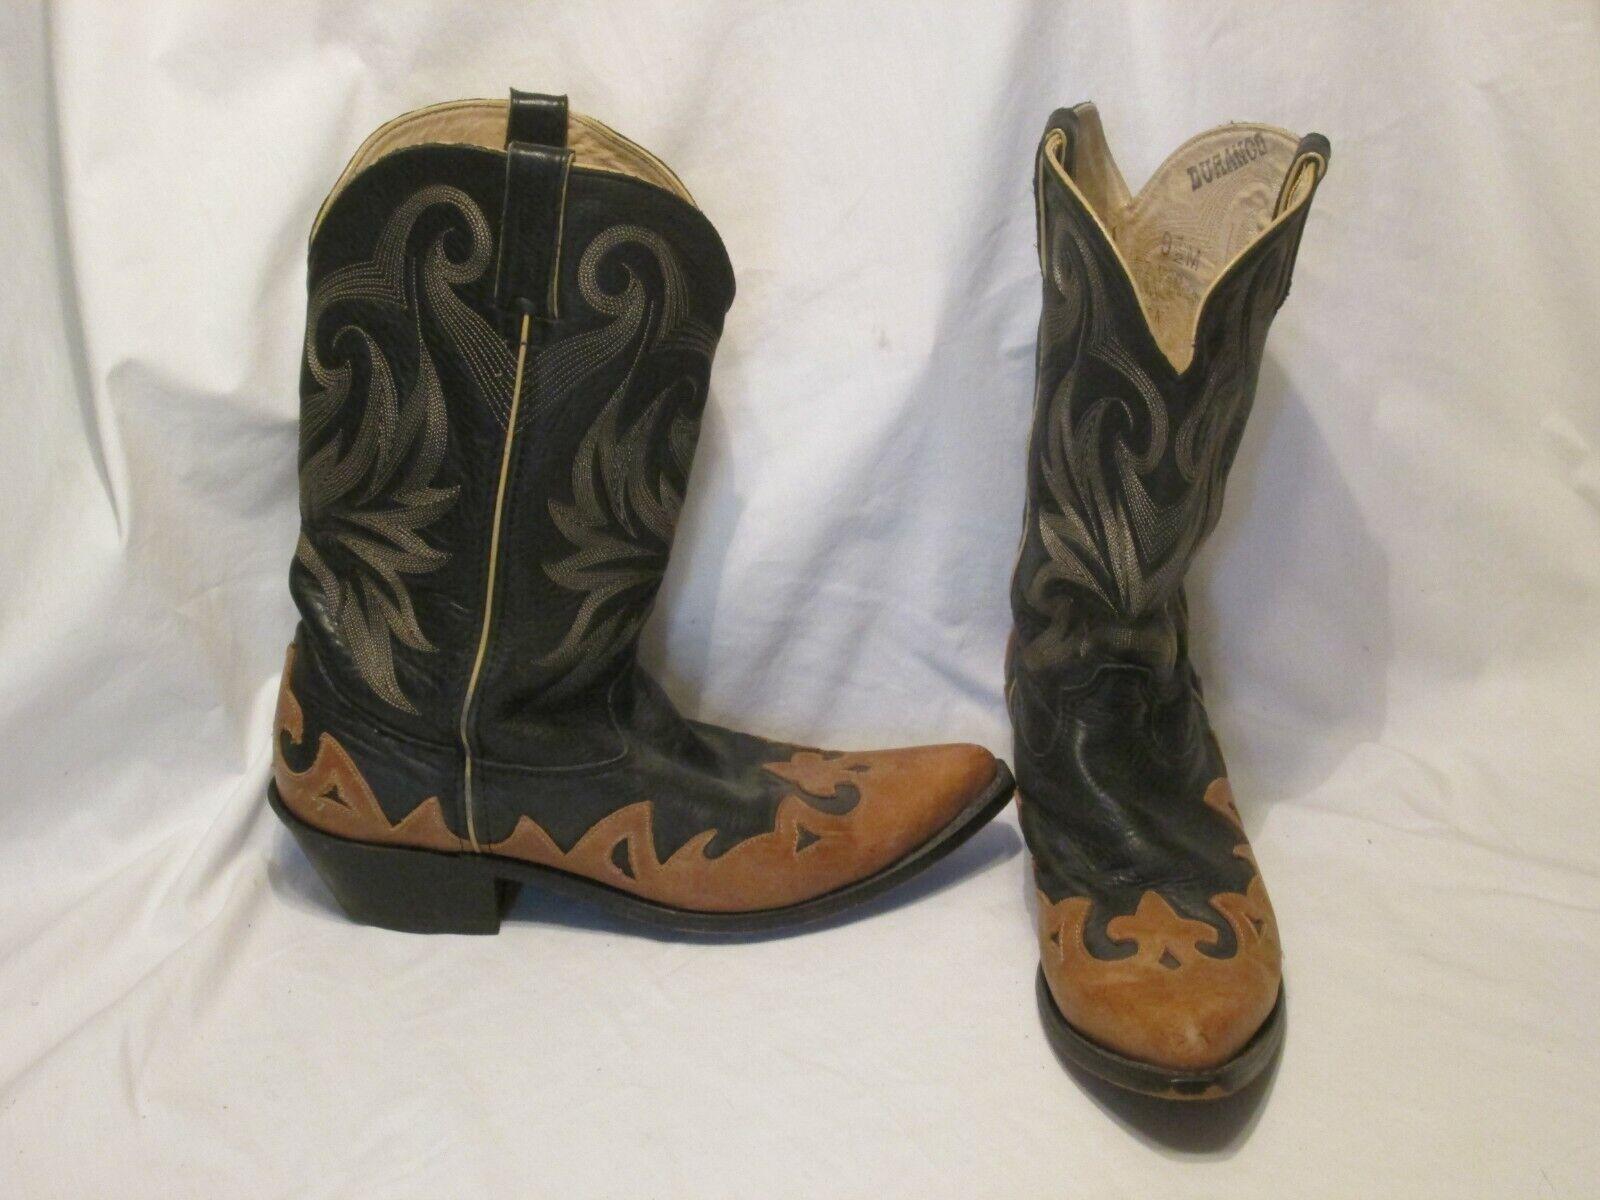 botas Cowboy Western Equitación Talón Durango marróns Cuero RD4801  Talla 9.5  tienda en linea